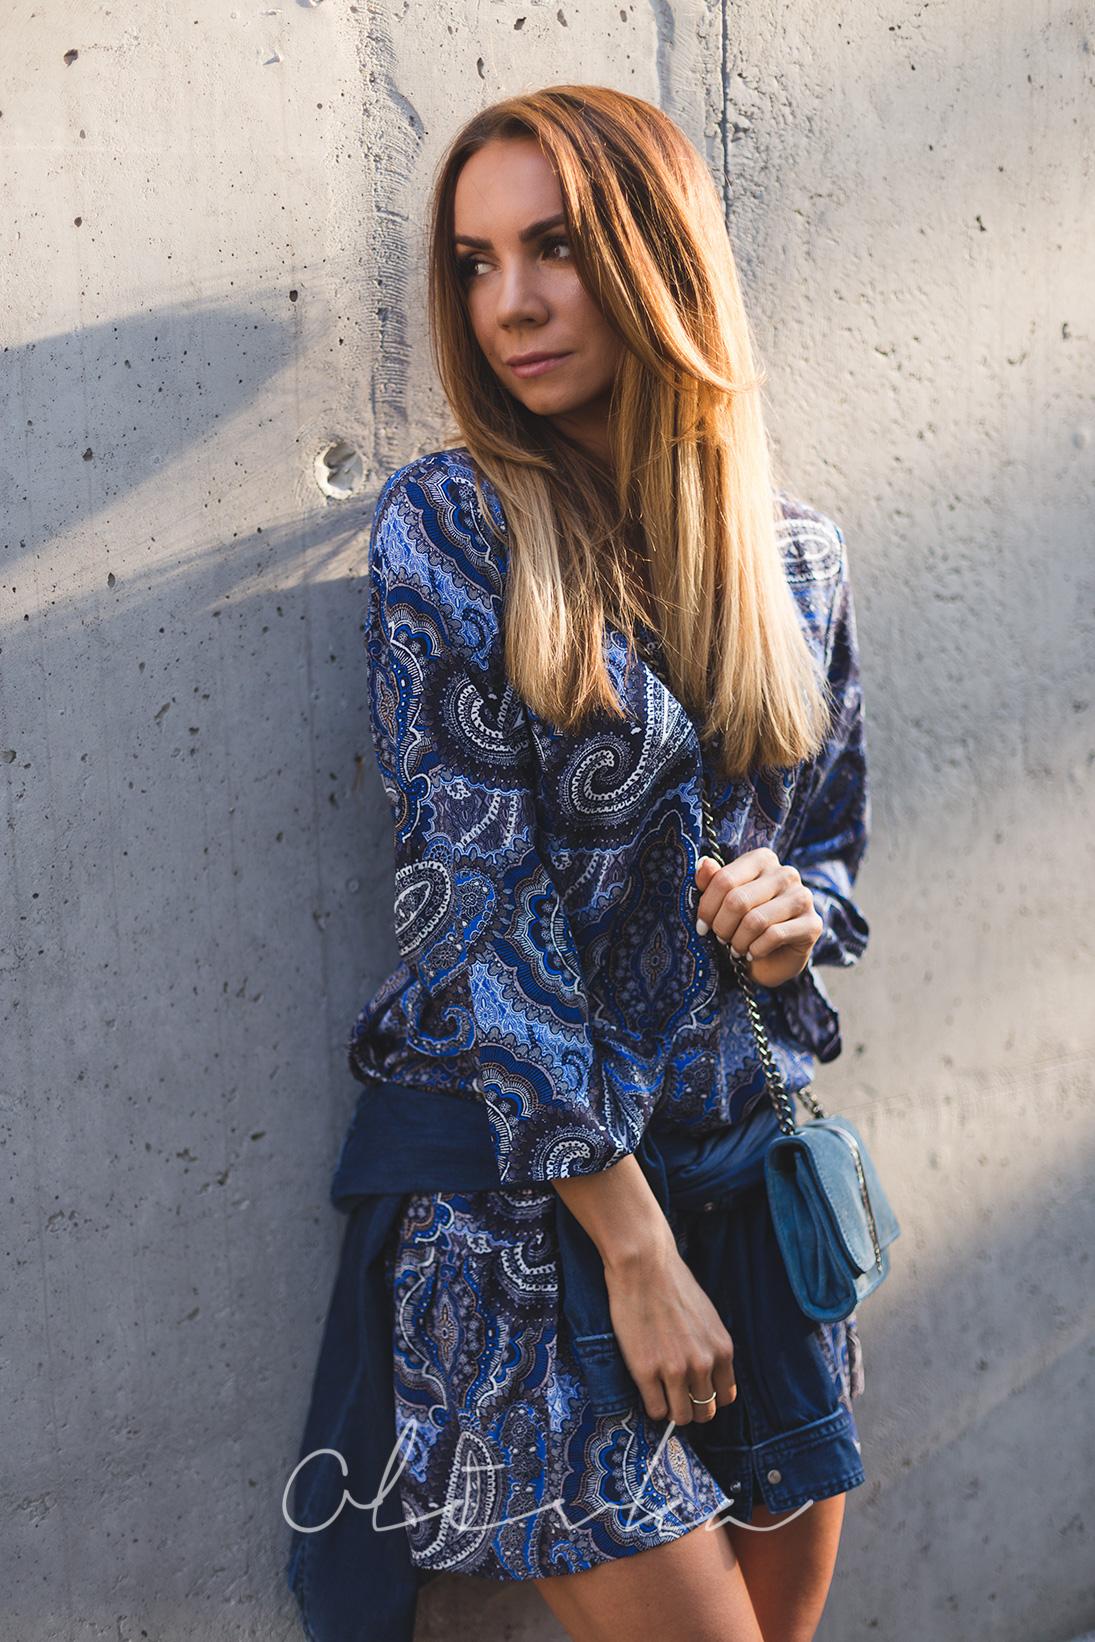 c68c14a3ec W odcieniach błękitu - idealna letnia sukienka - Olivka - Blog mamy ...